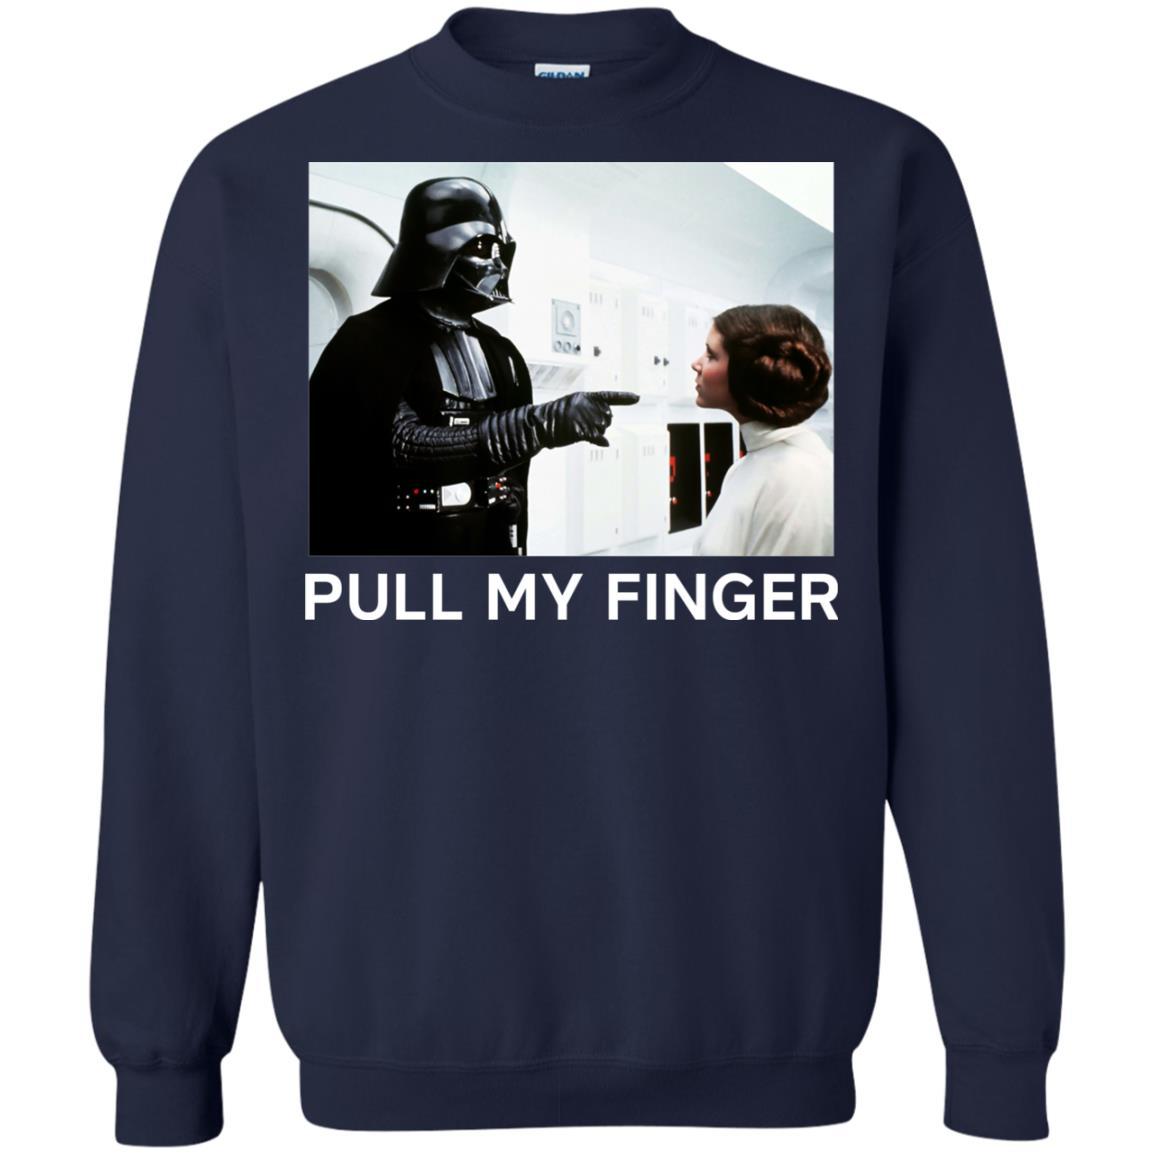 image 538 - Star Wars Darth Vader & Princess Leia: Pull My Finger shirt